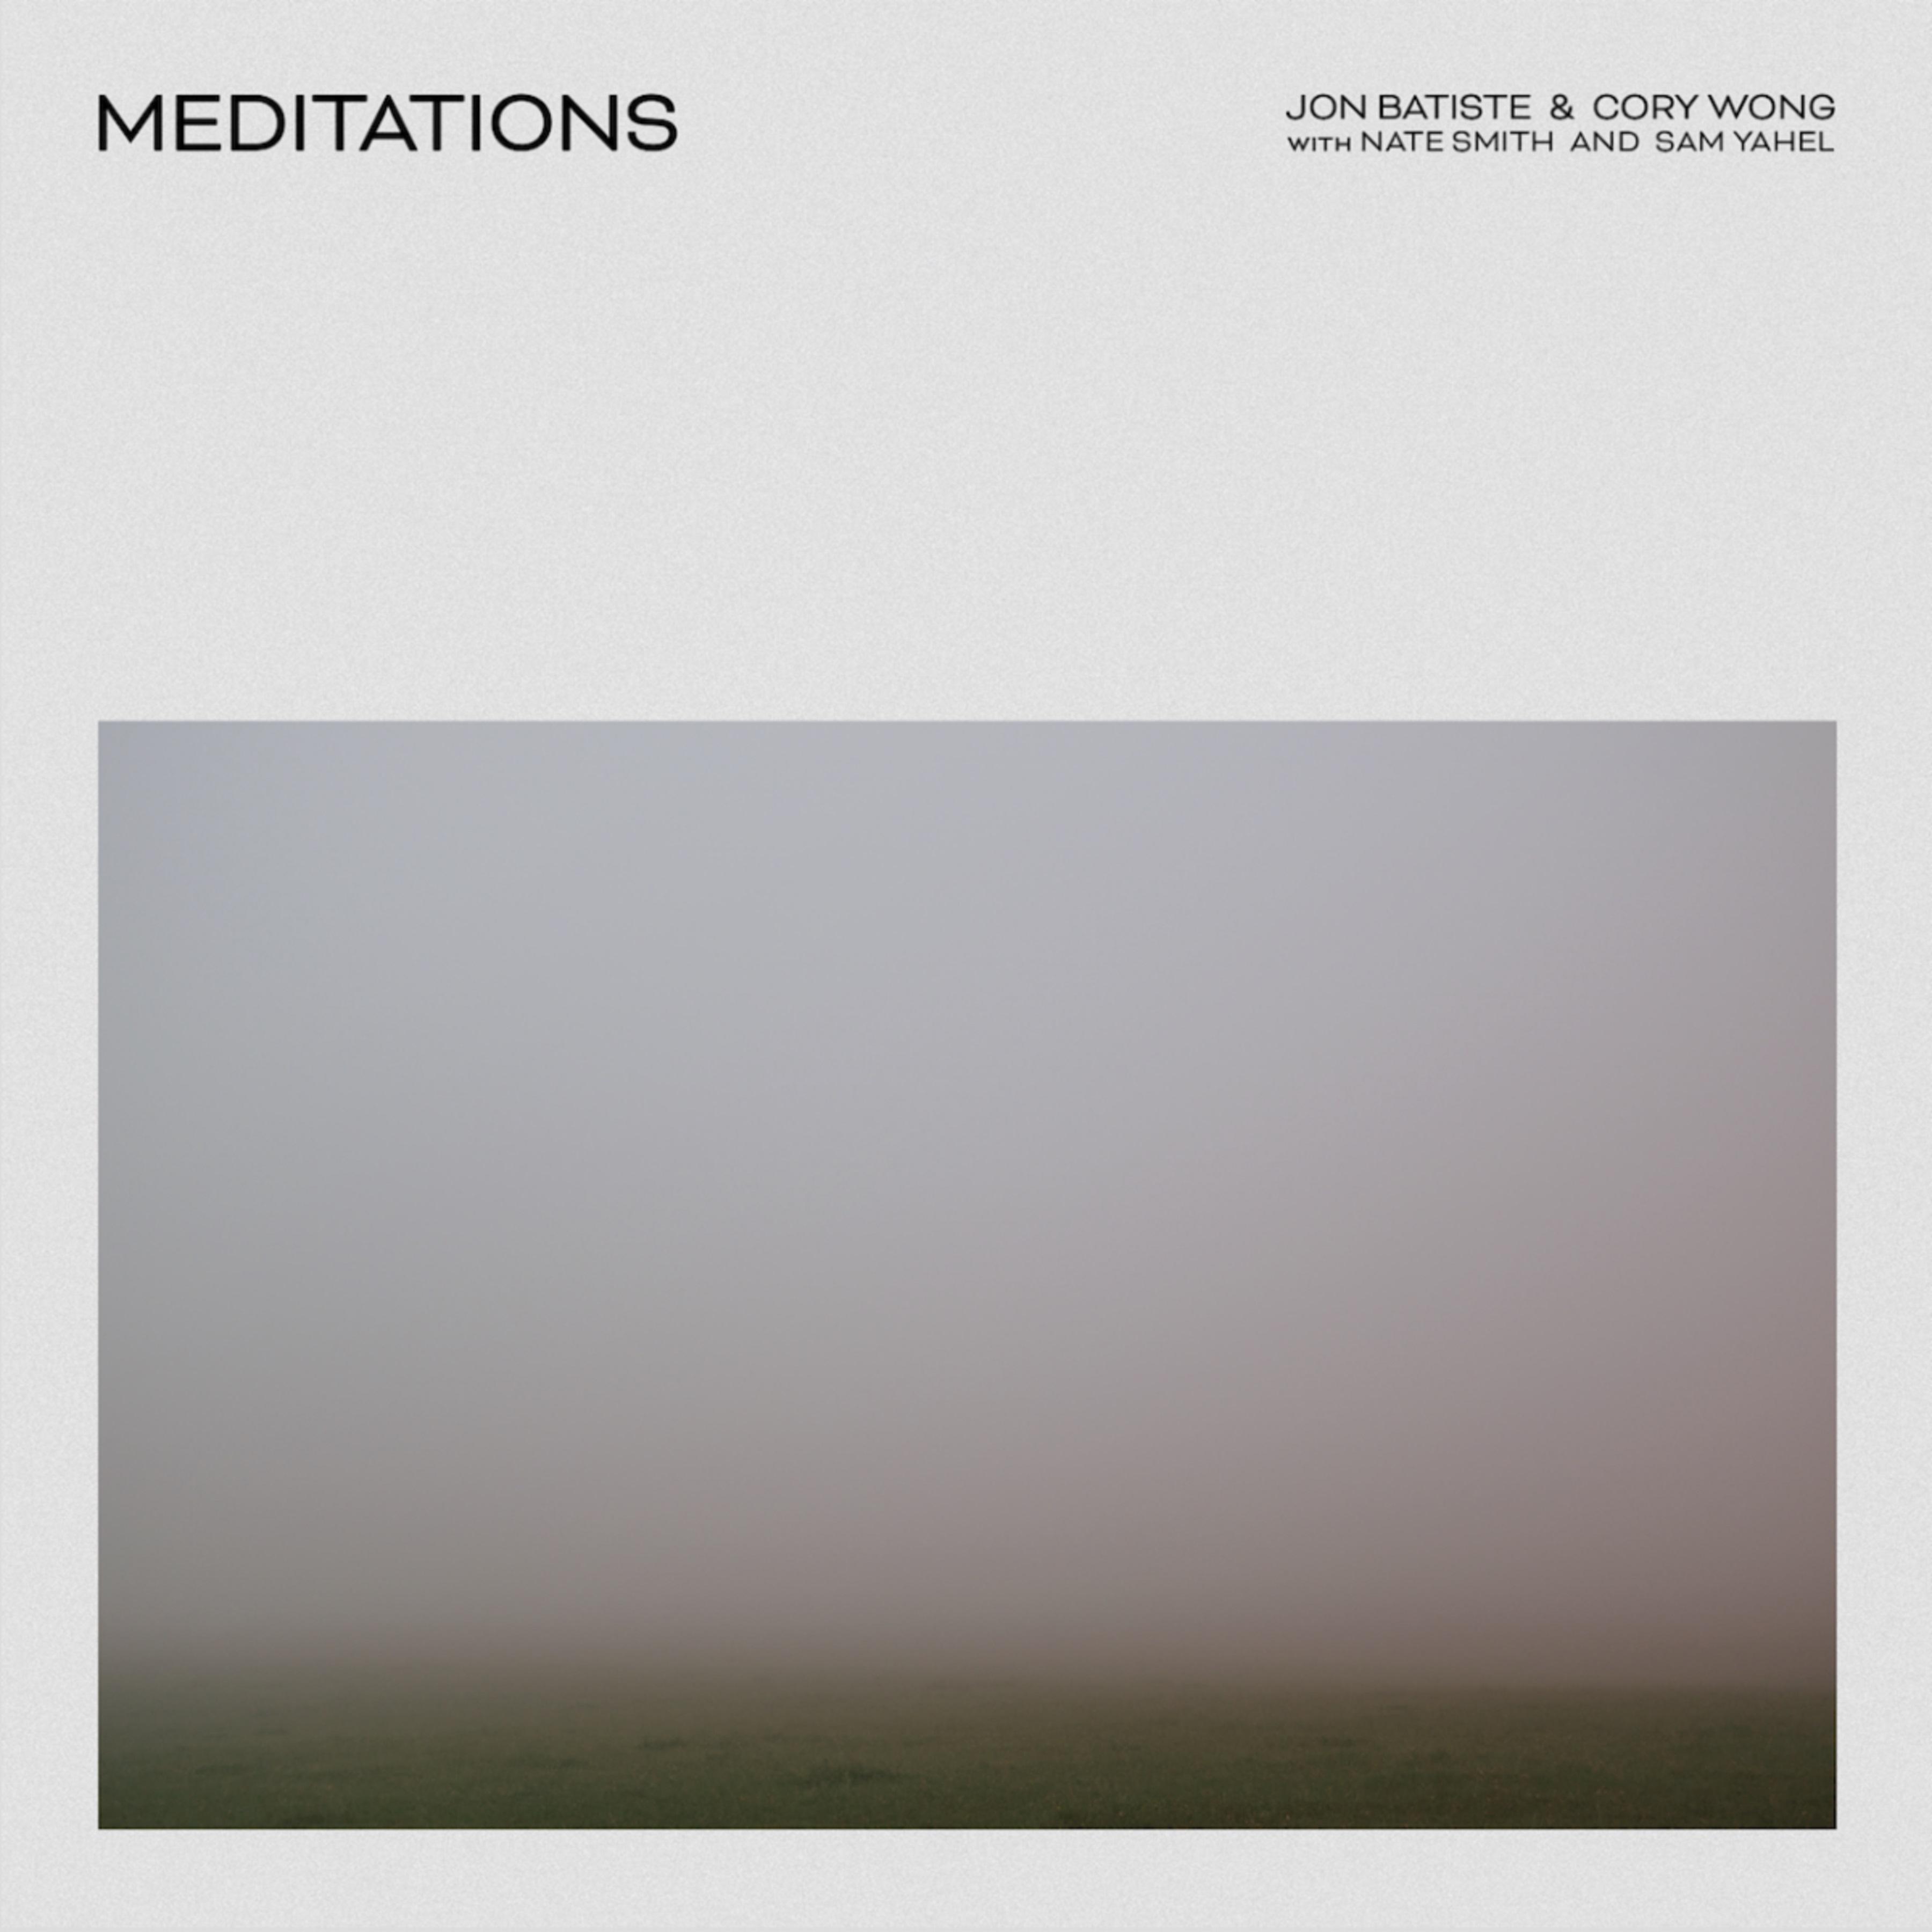 JONATHAN BATISTE - Jon Batiste & Cory Wong : Meditations cover